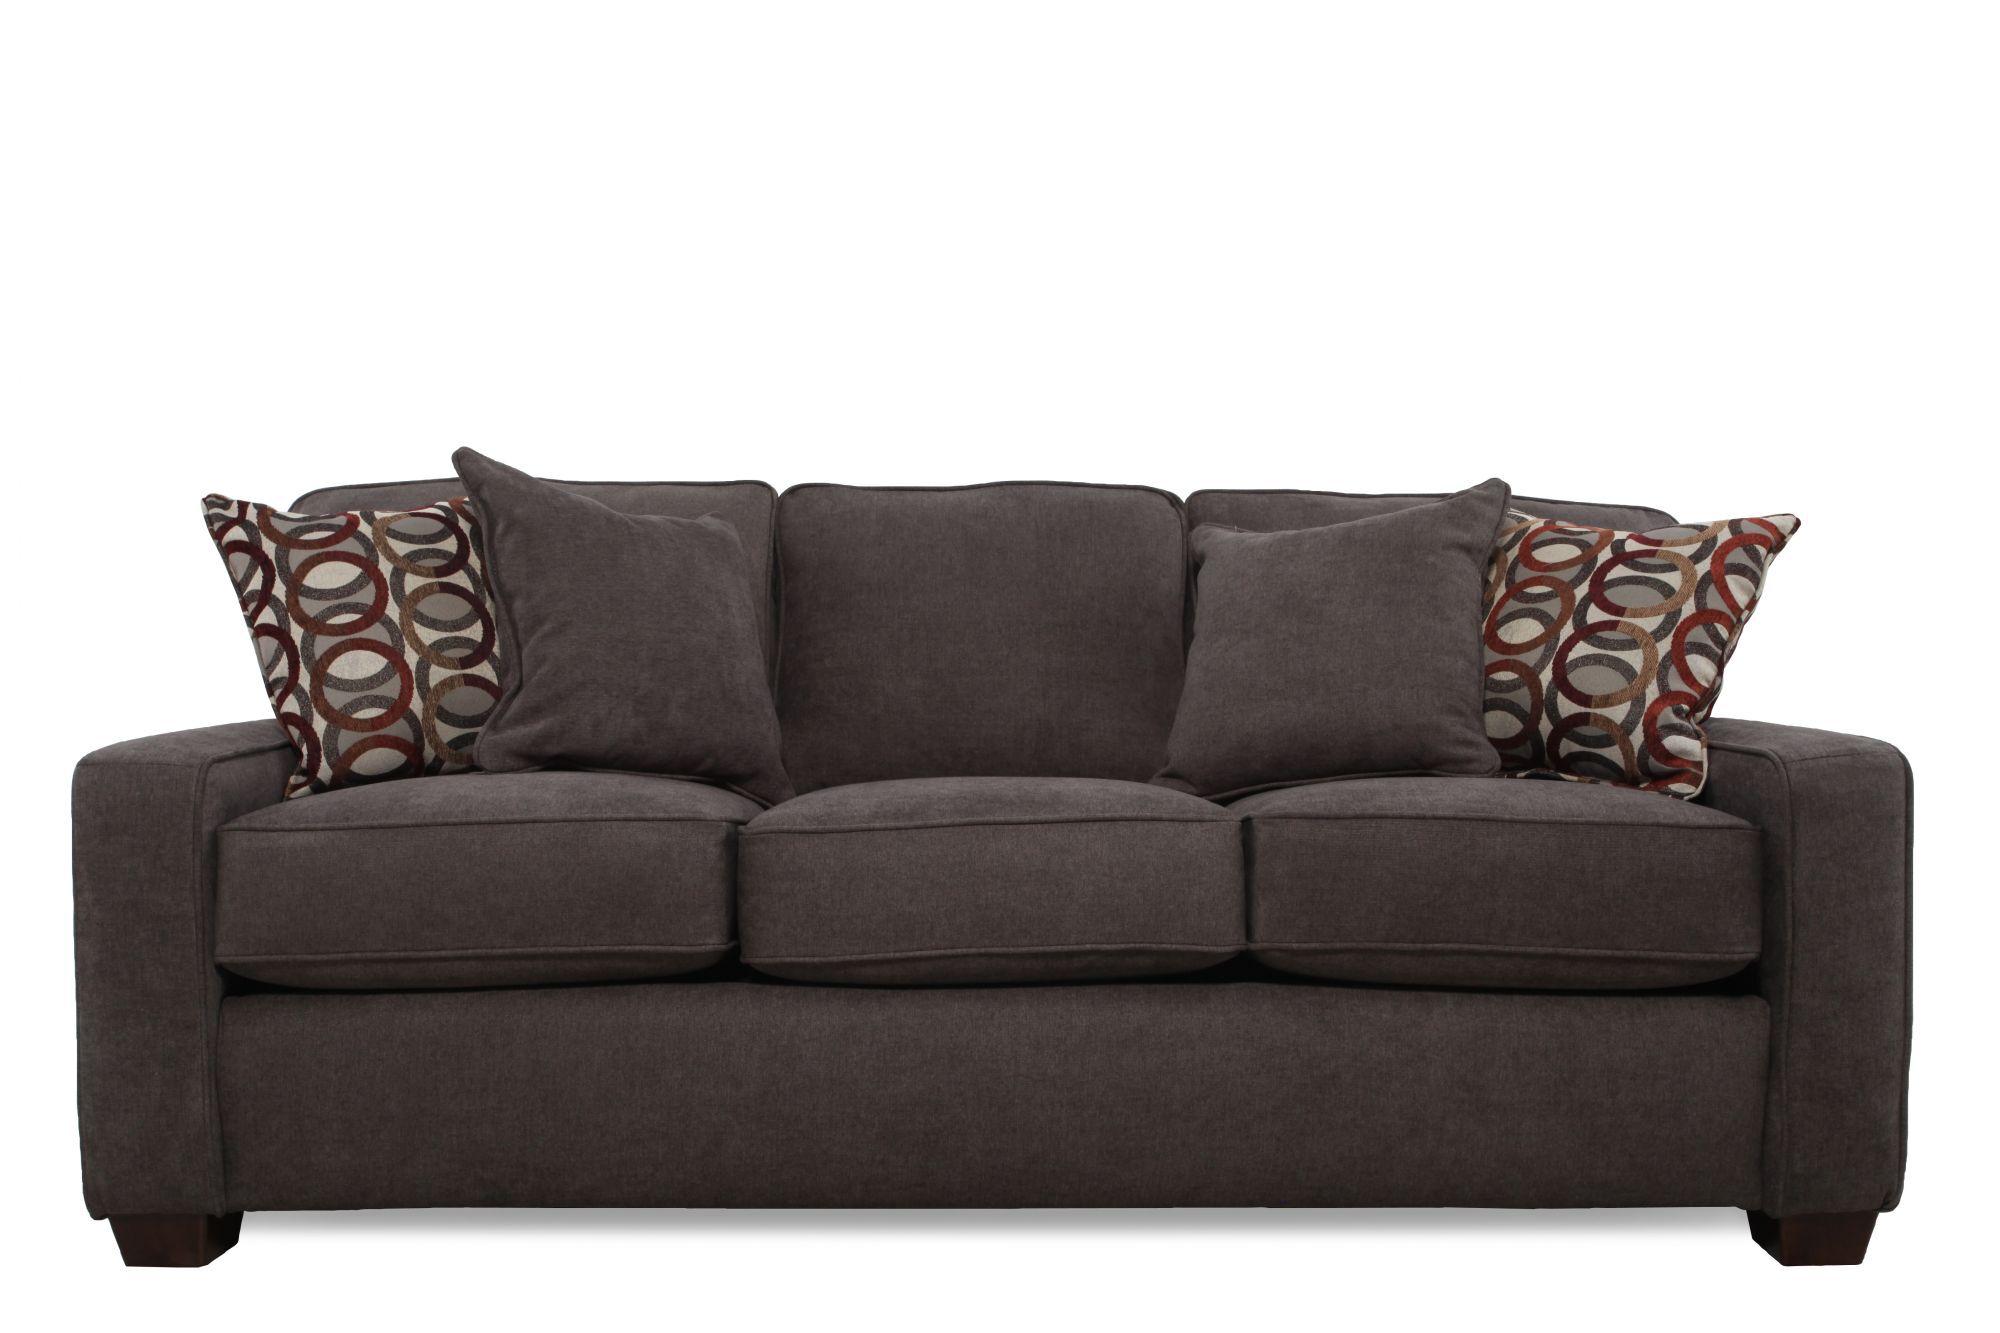 Casual 82u0026quot; Queen Sleeper Sofa In Dark Granite ...